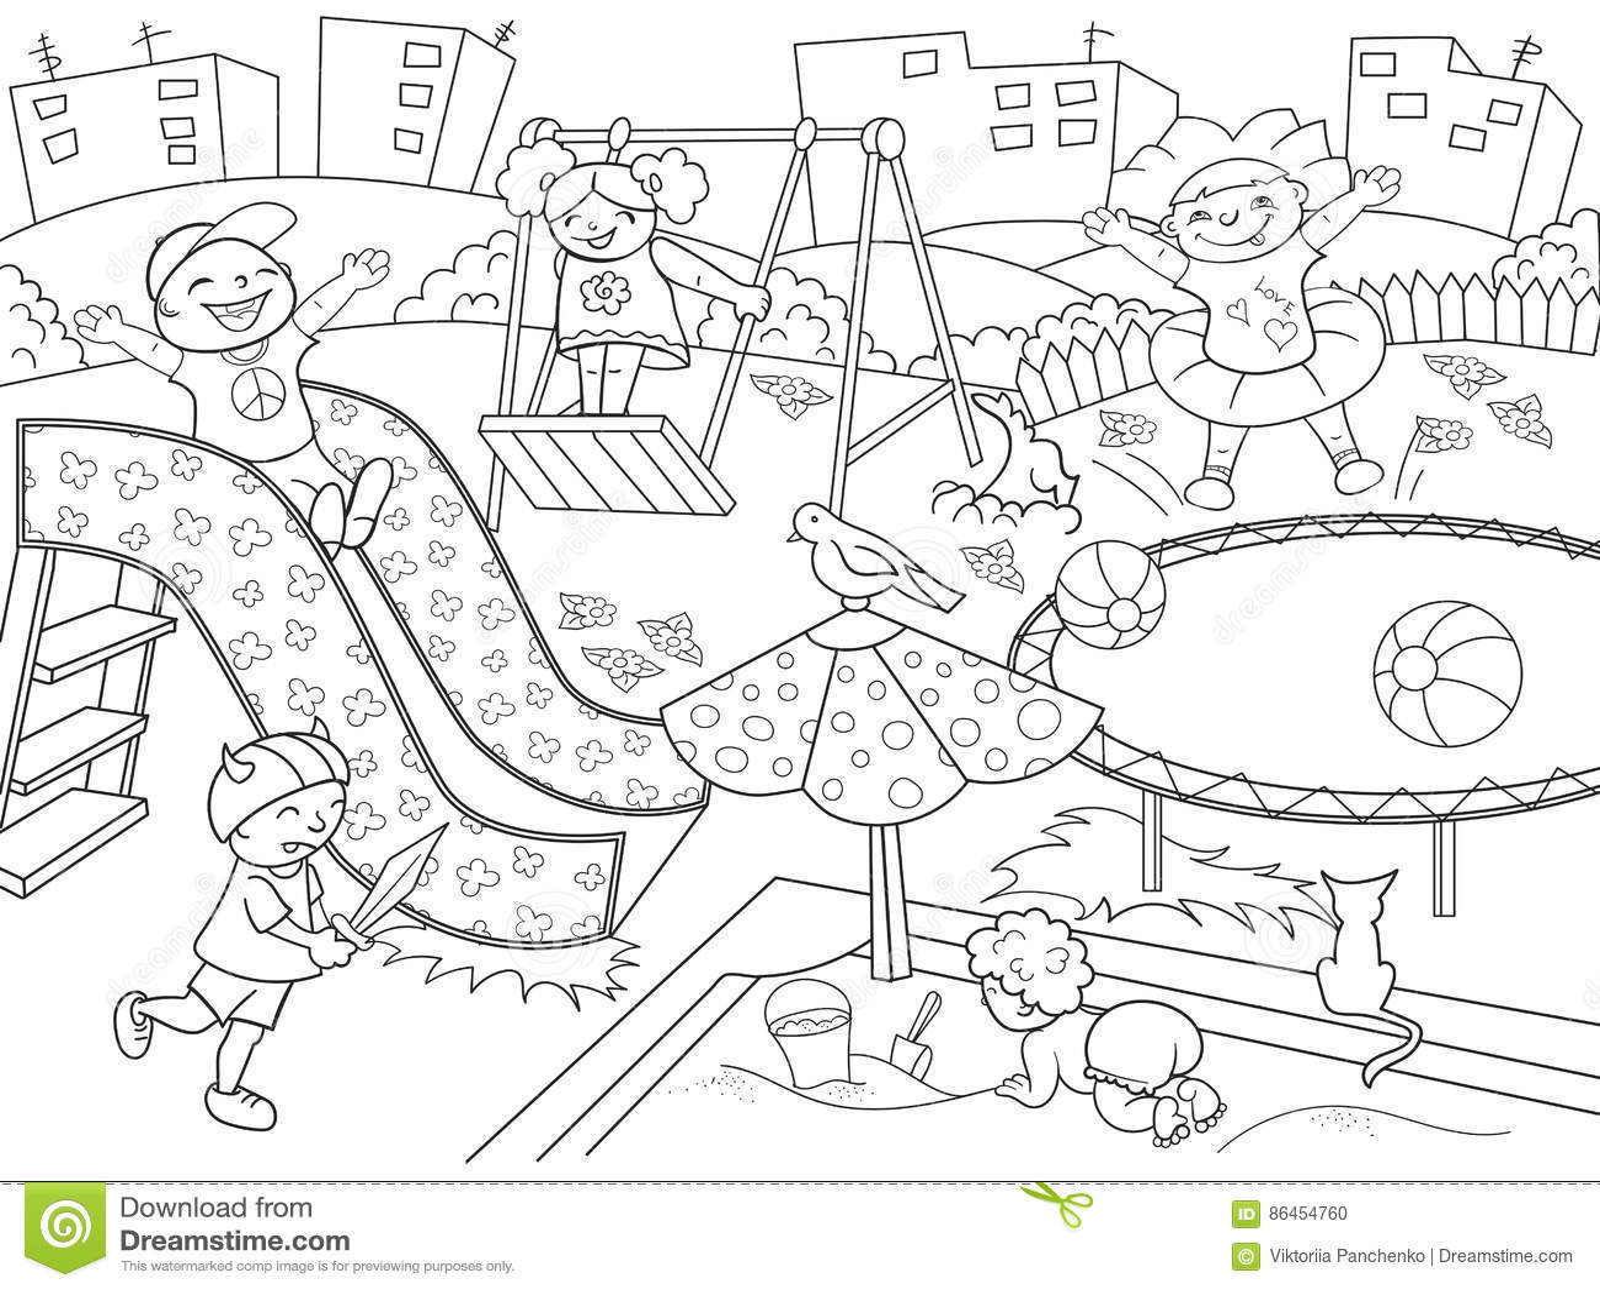 Coloritura Del Campo Da Gioco Per Bambini Illustrazione Di